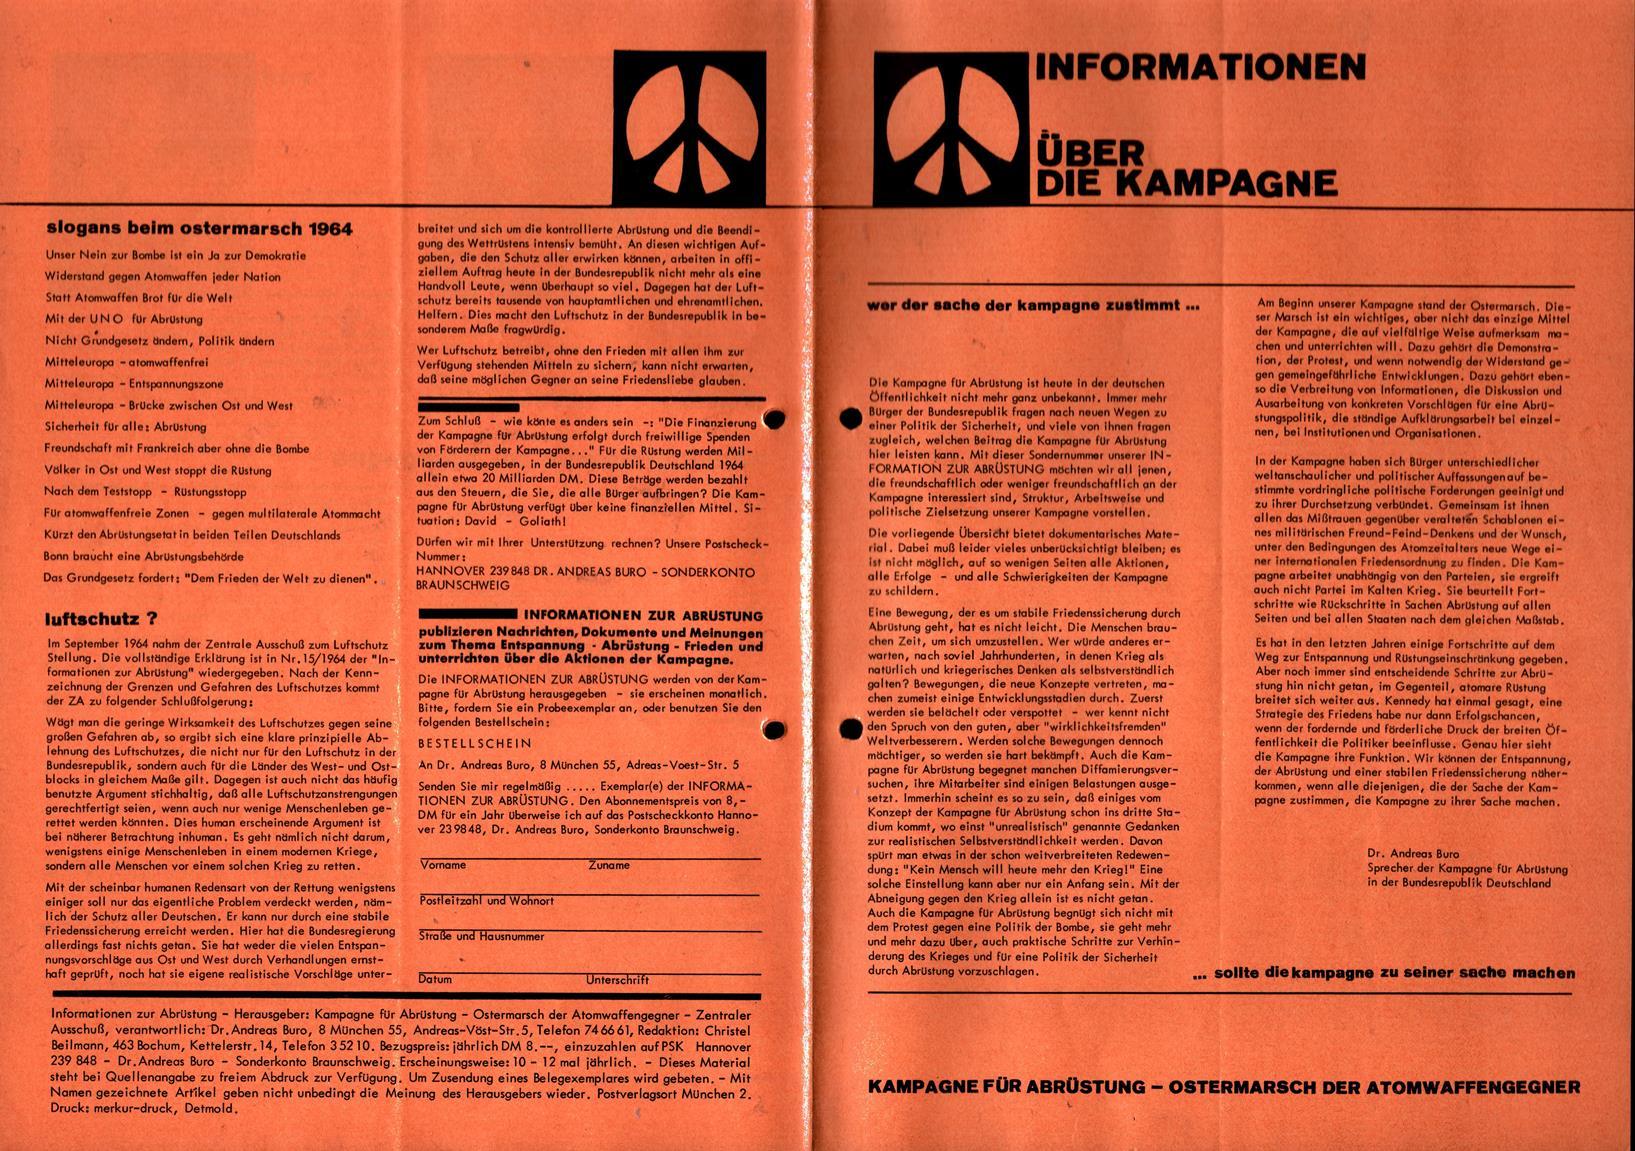 Infos_zur_Abruestung_1964_Sonder_001